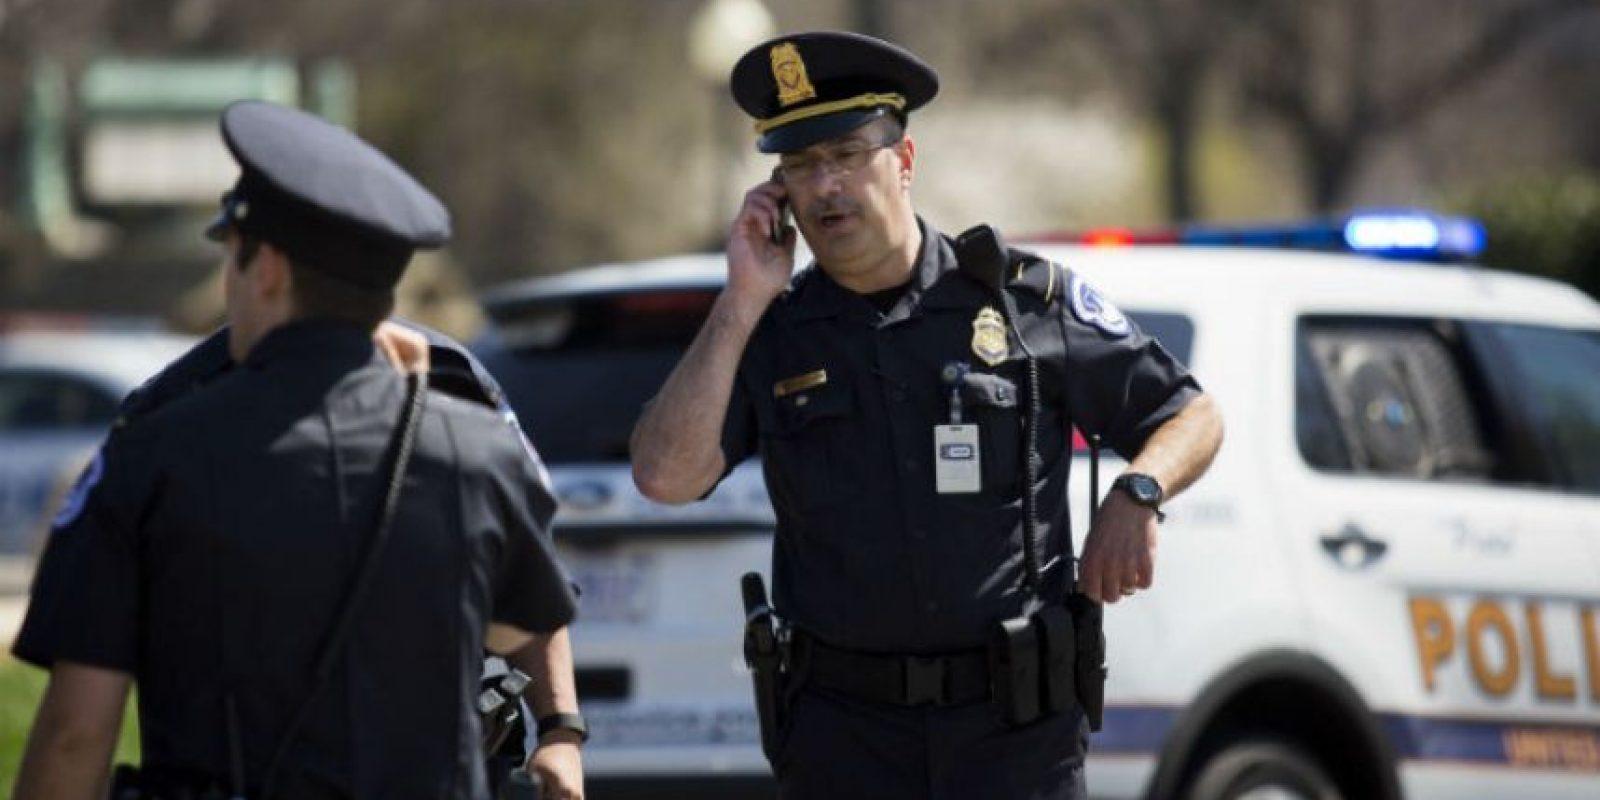 Las autoridades lograron salvar a la mujer y a sus dos niños. Foto:Getty Images (Archivo)